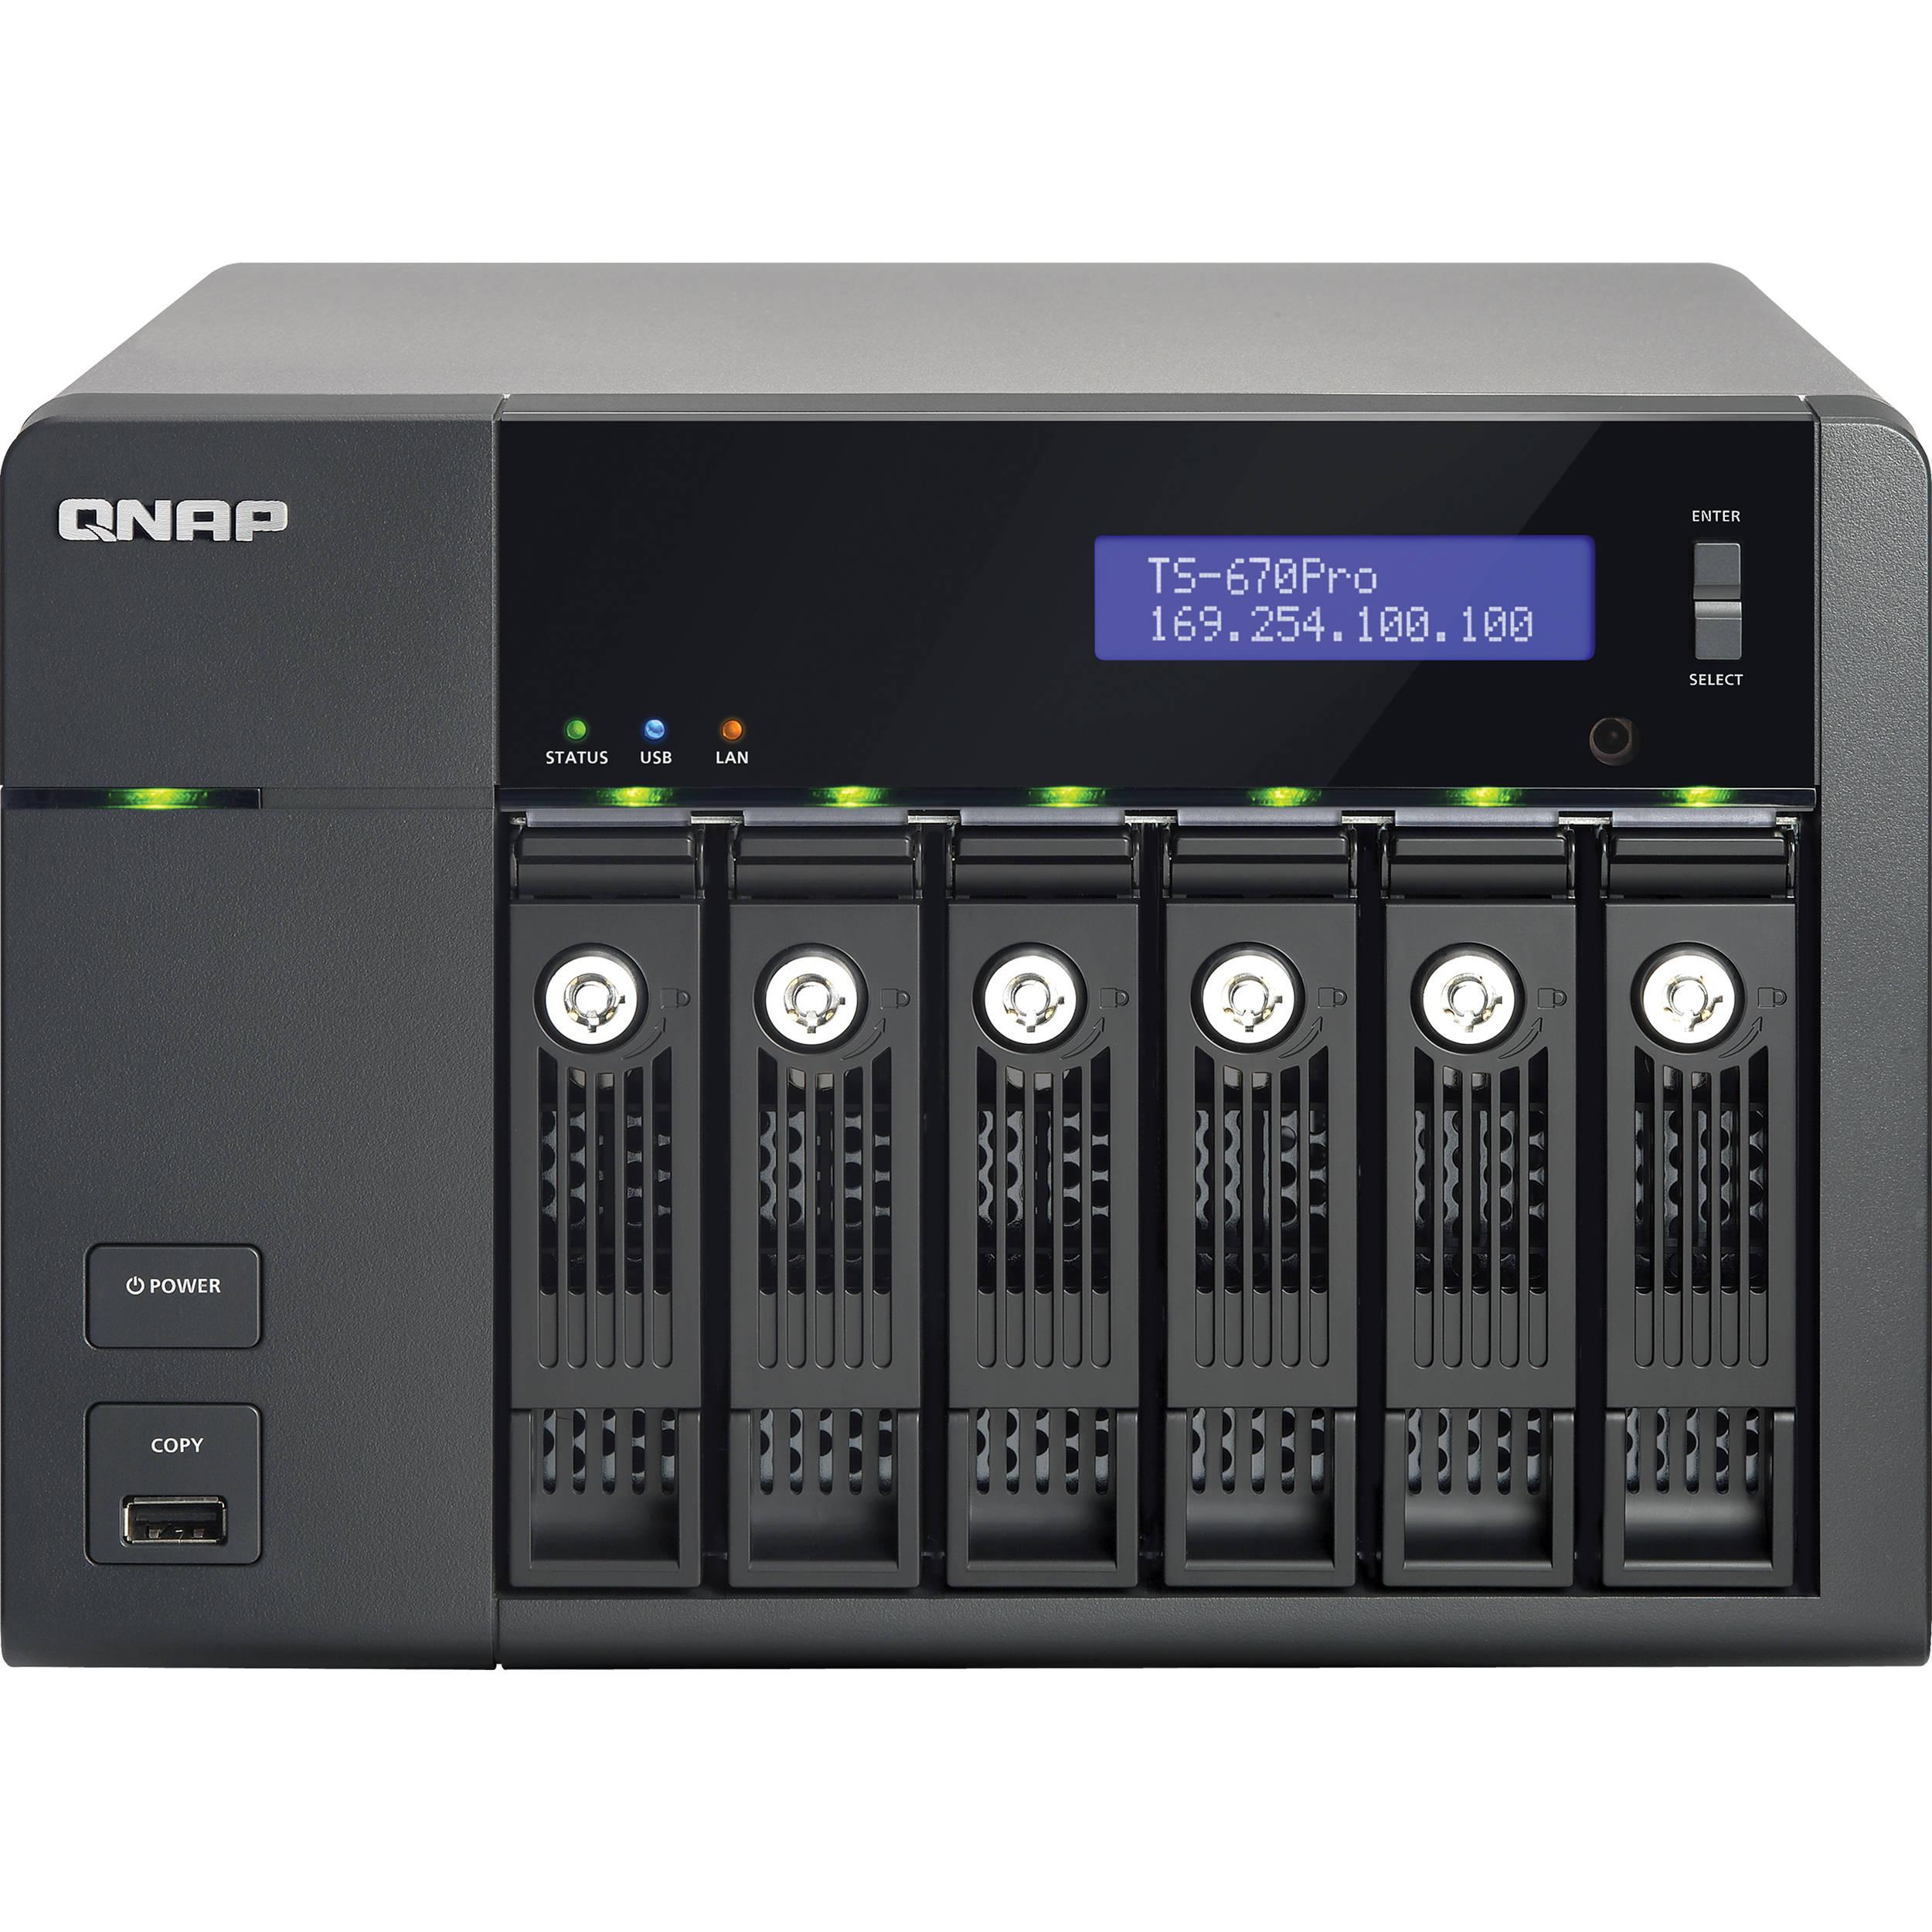 QNAP TS-670Pro TurboNAS QTS Download Driver